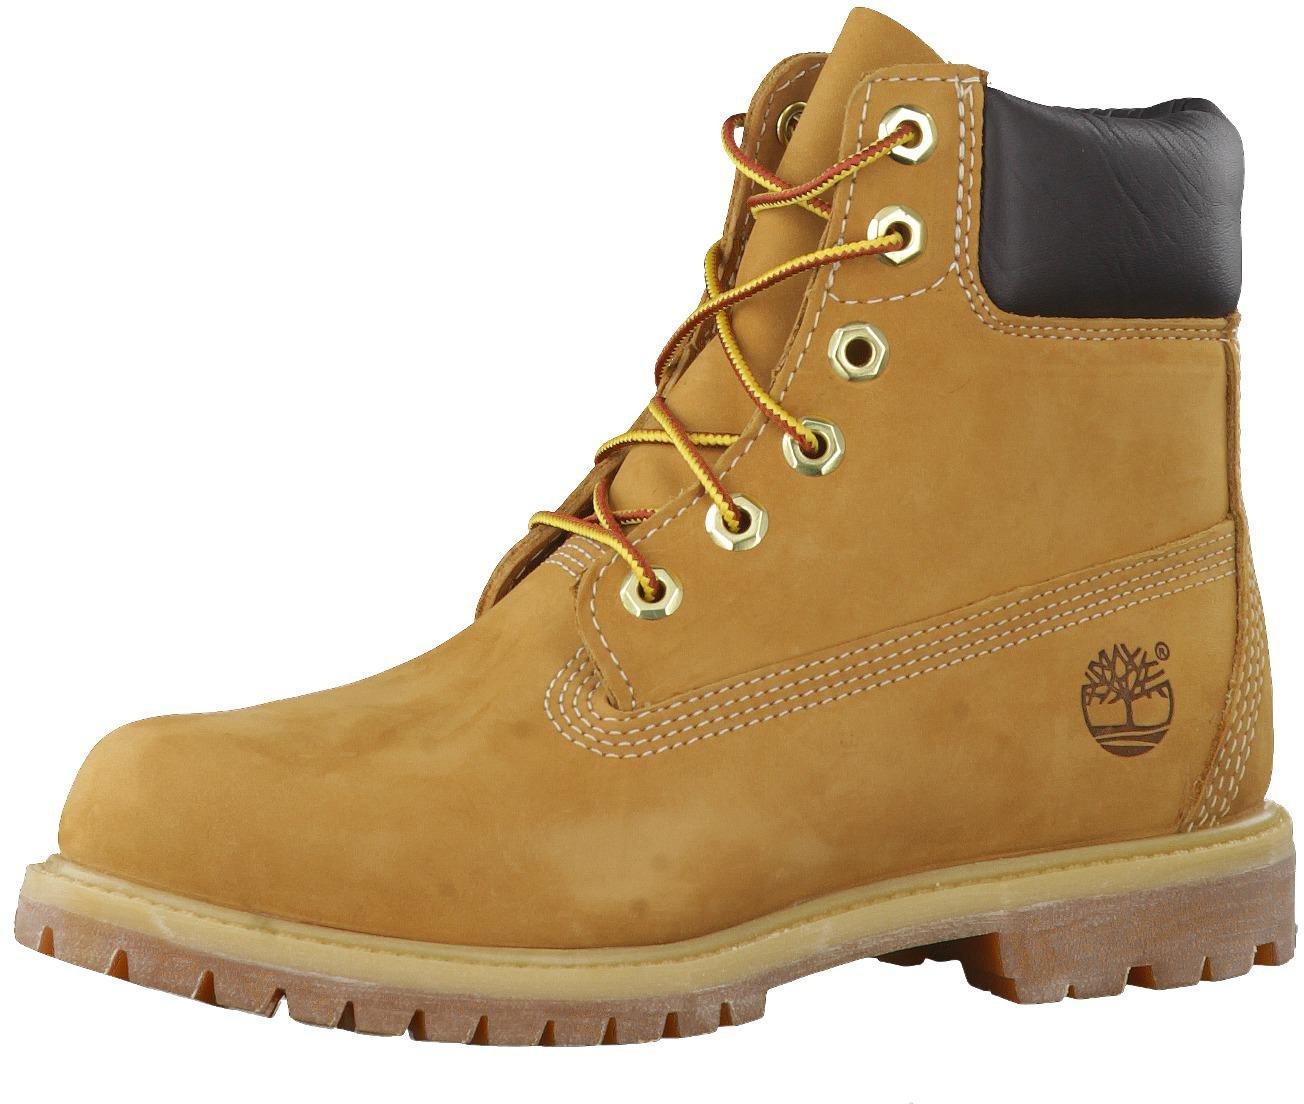 Timberland Women's 6 Inch Premium Waterproof Boot